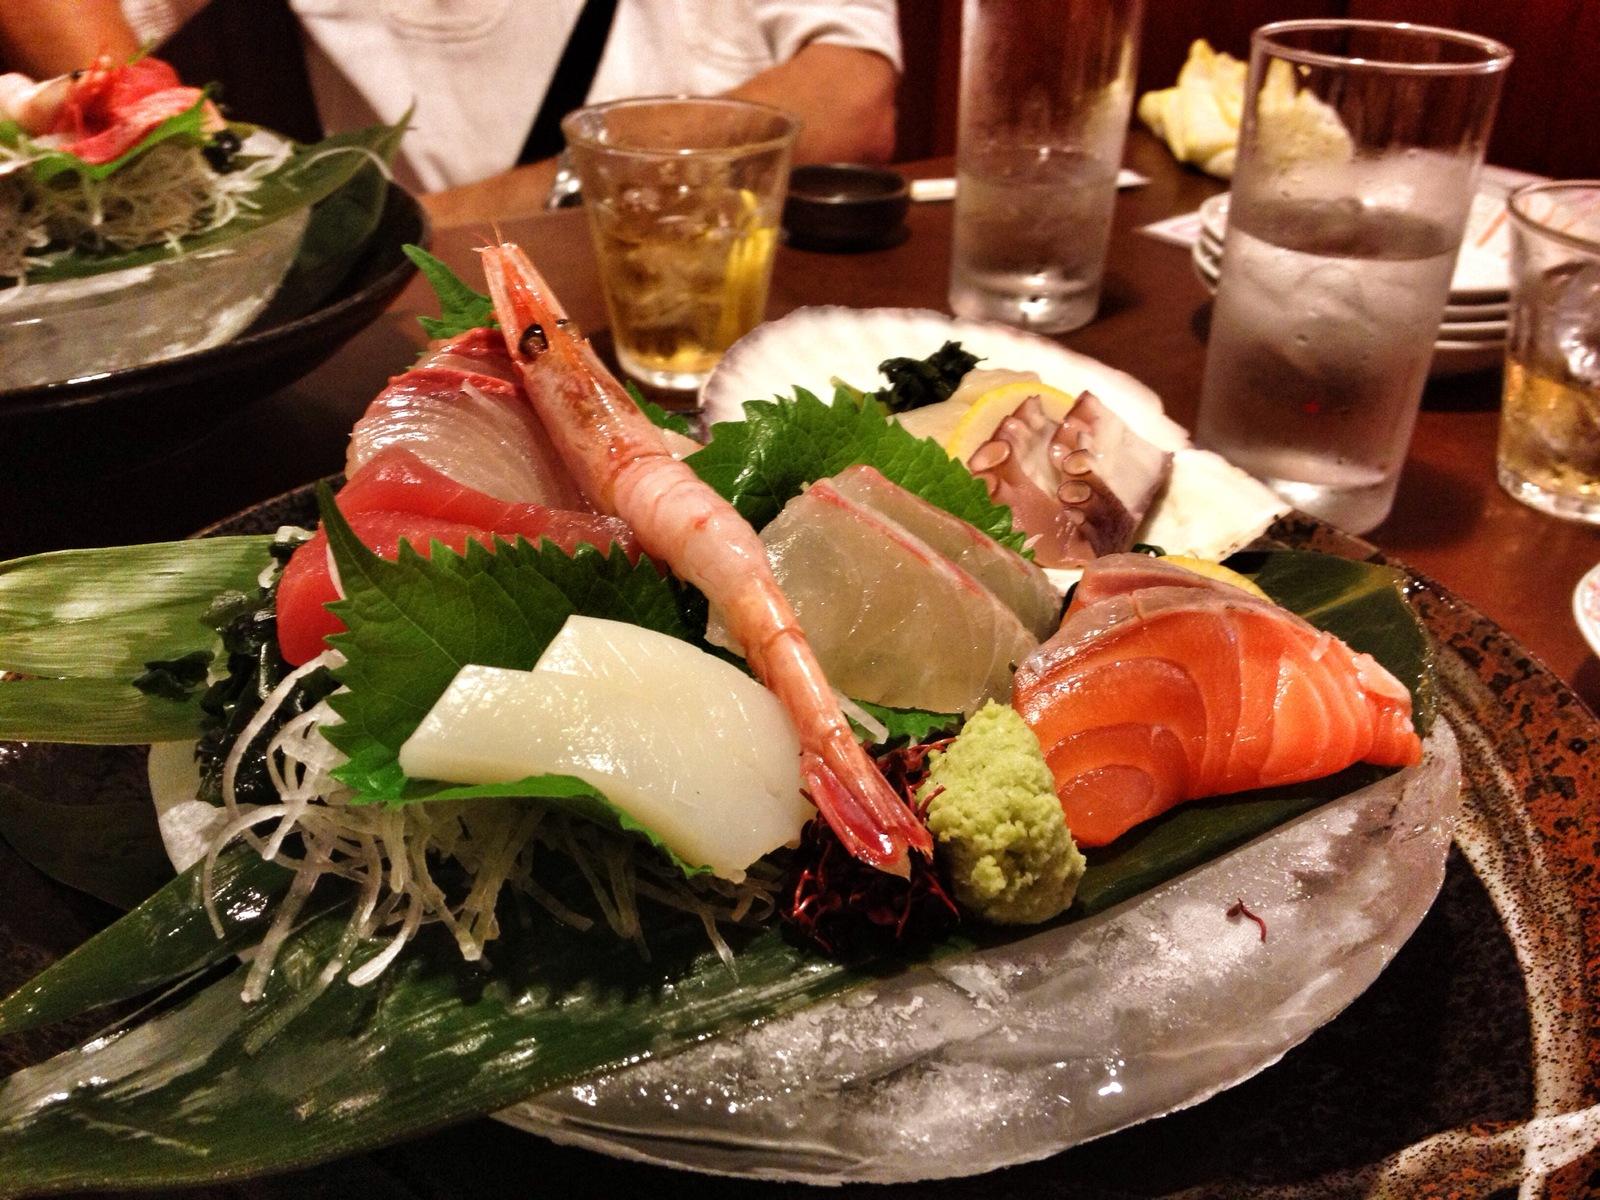 Shiso, czyli pachnotka – wielce smaczna roślina zjapońskiej kuchni